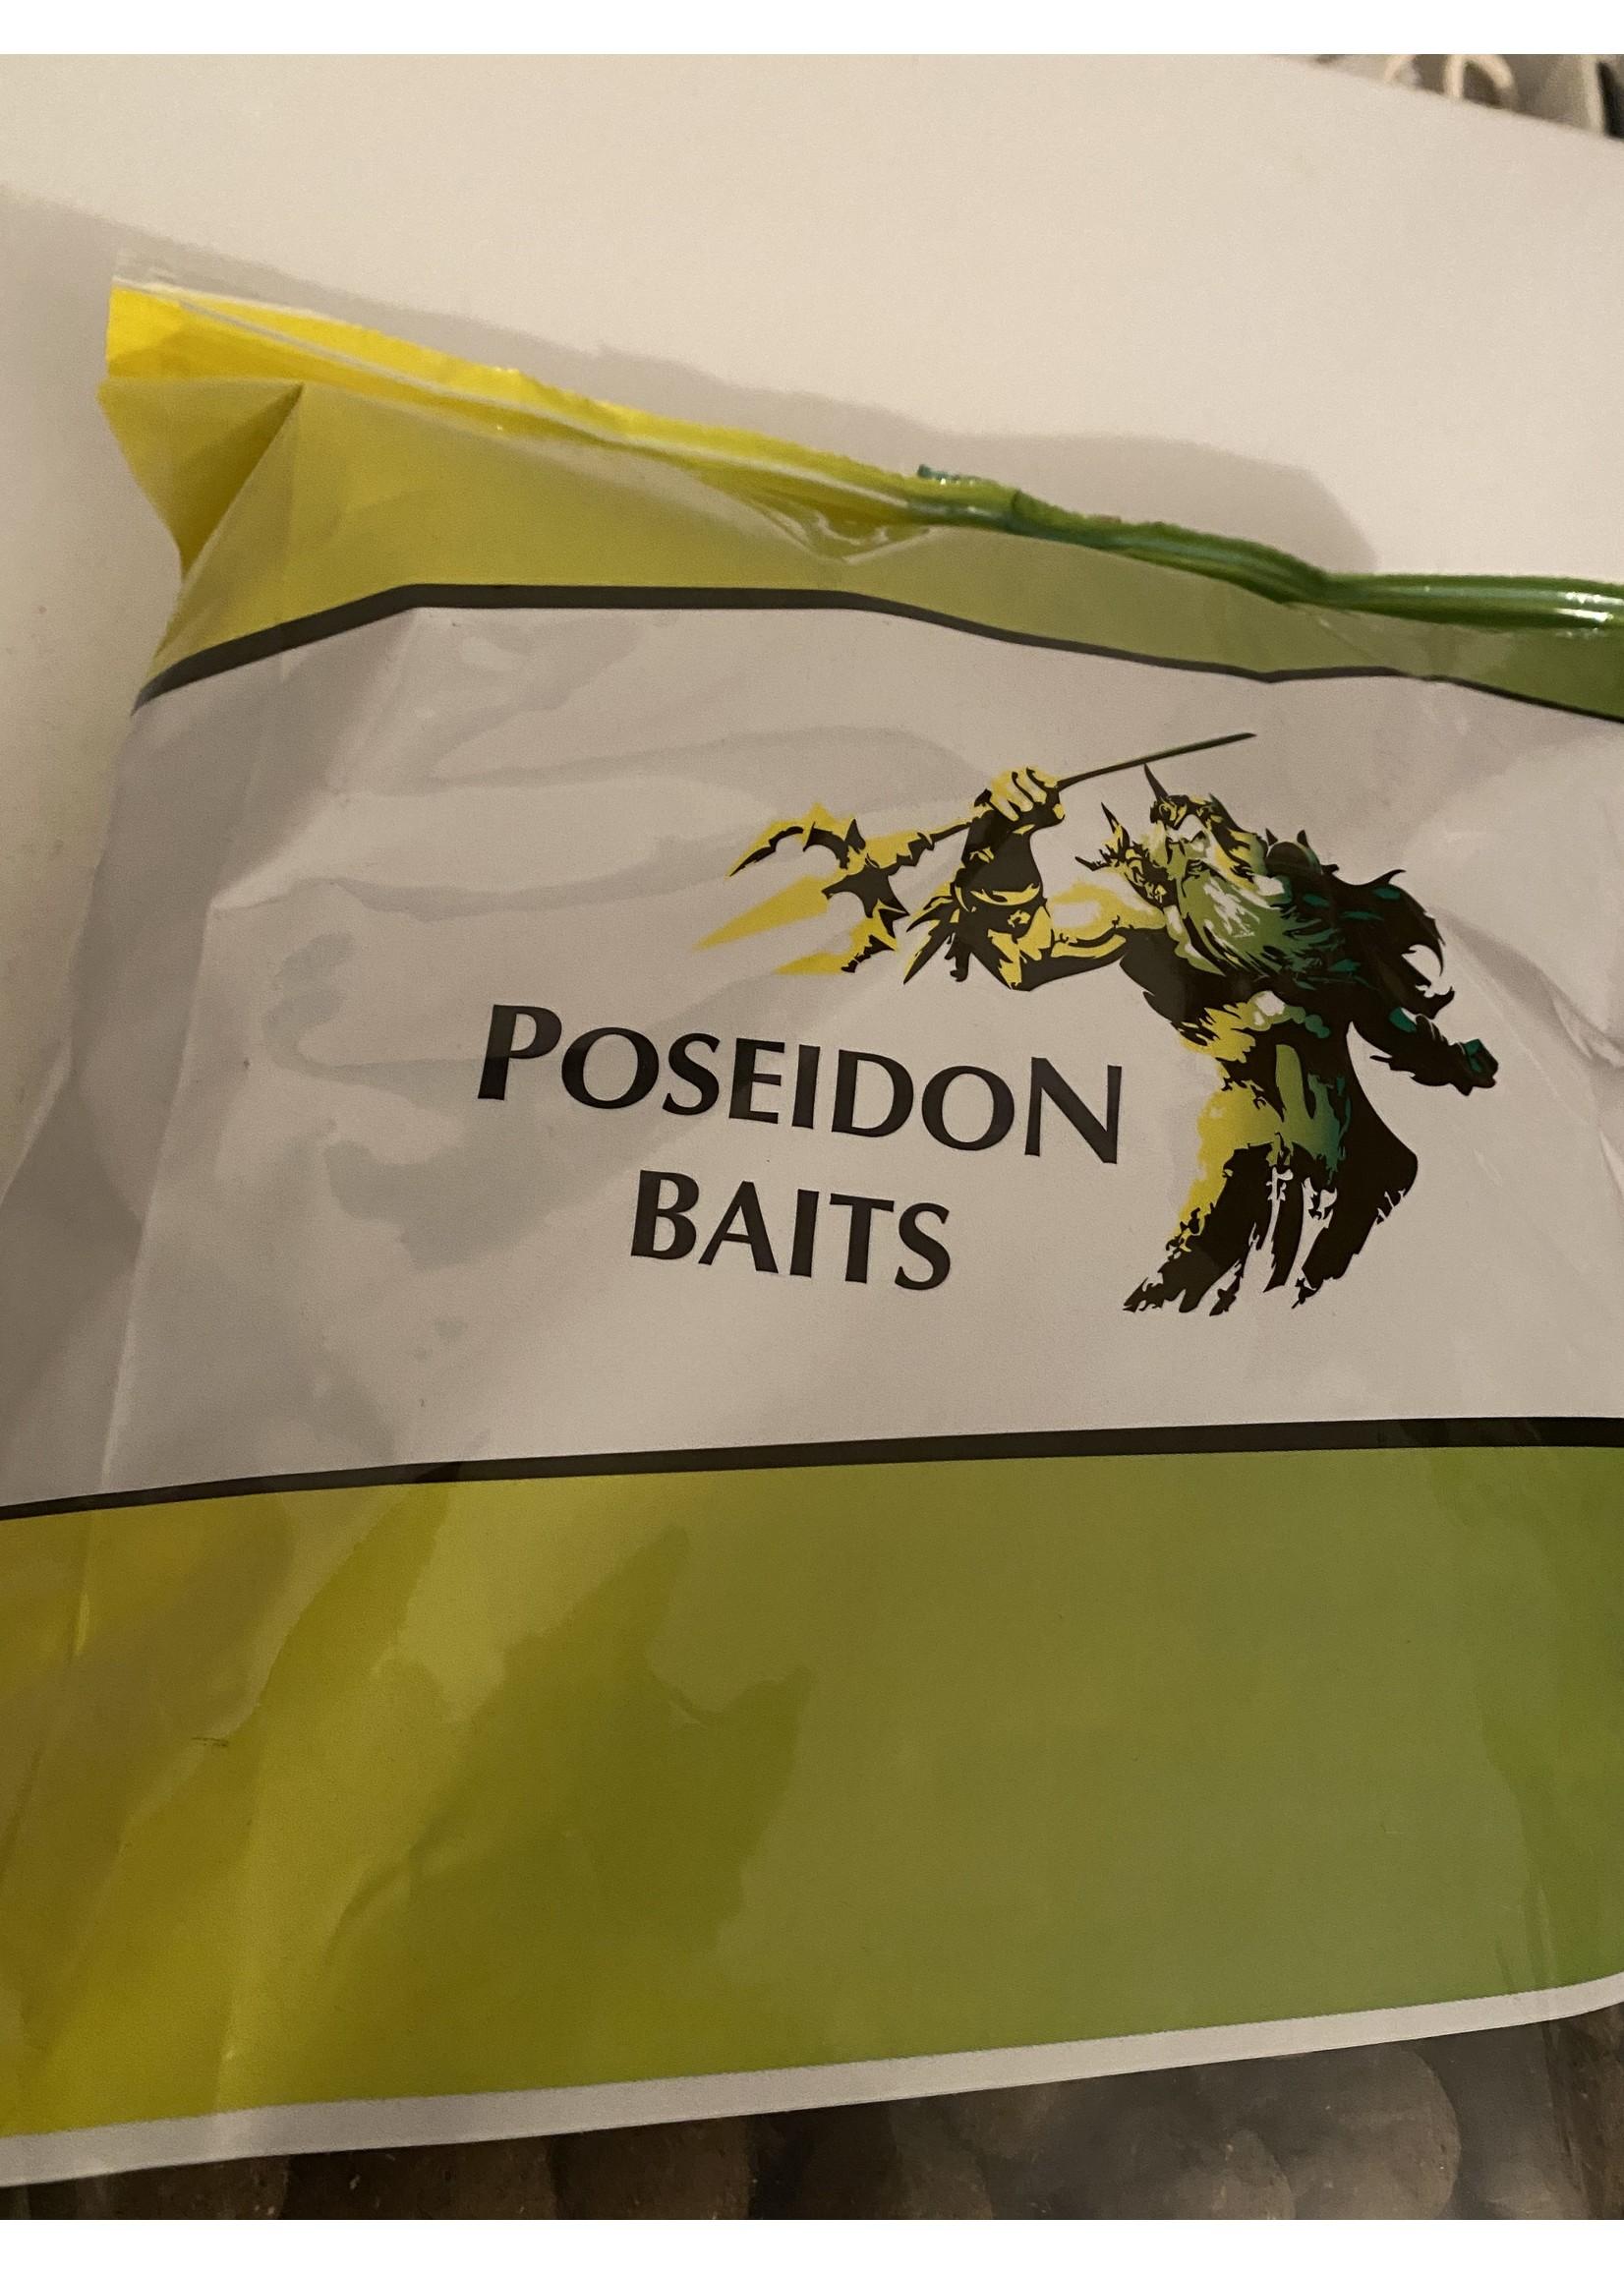 Poseidon Baits Poseidon Baits